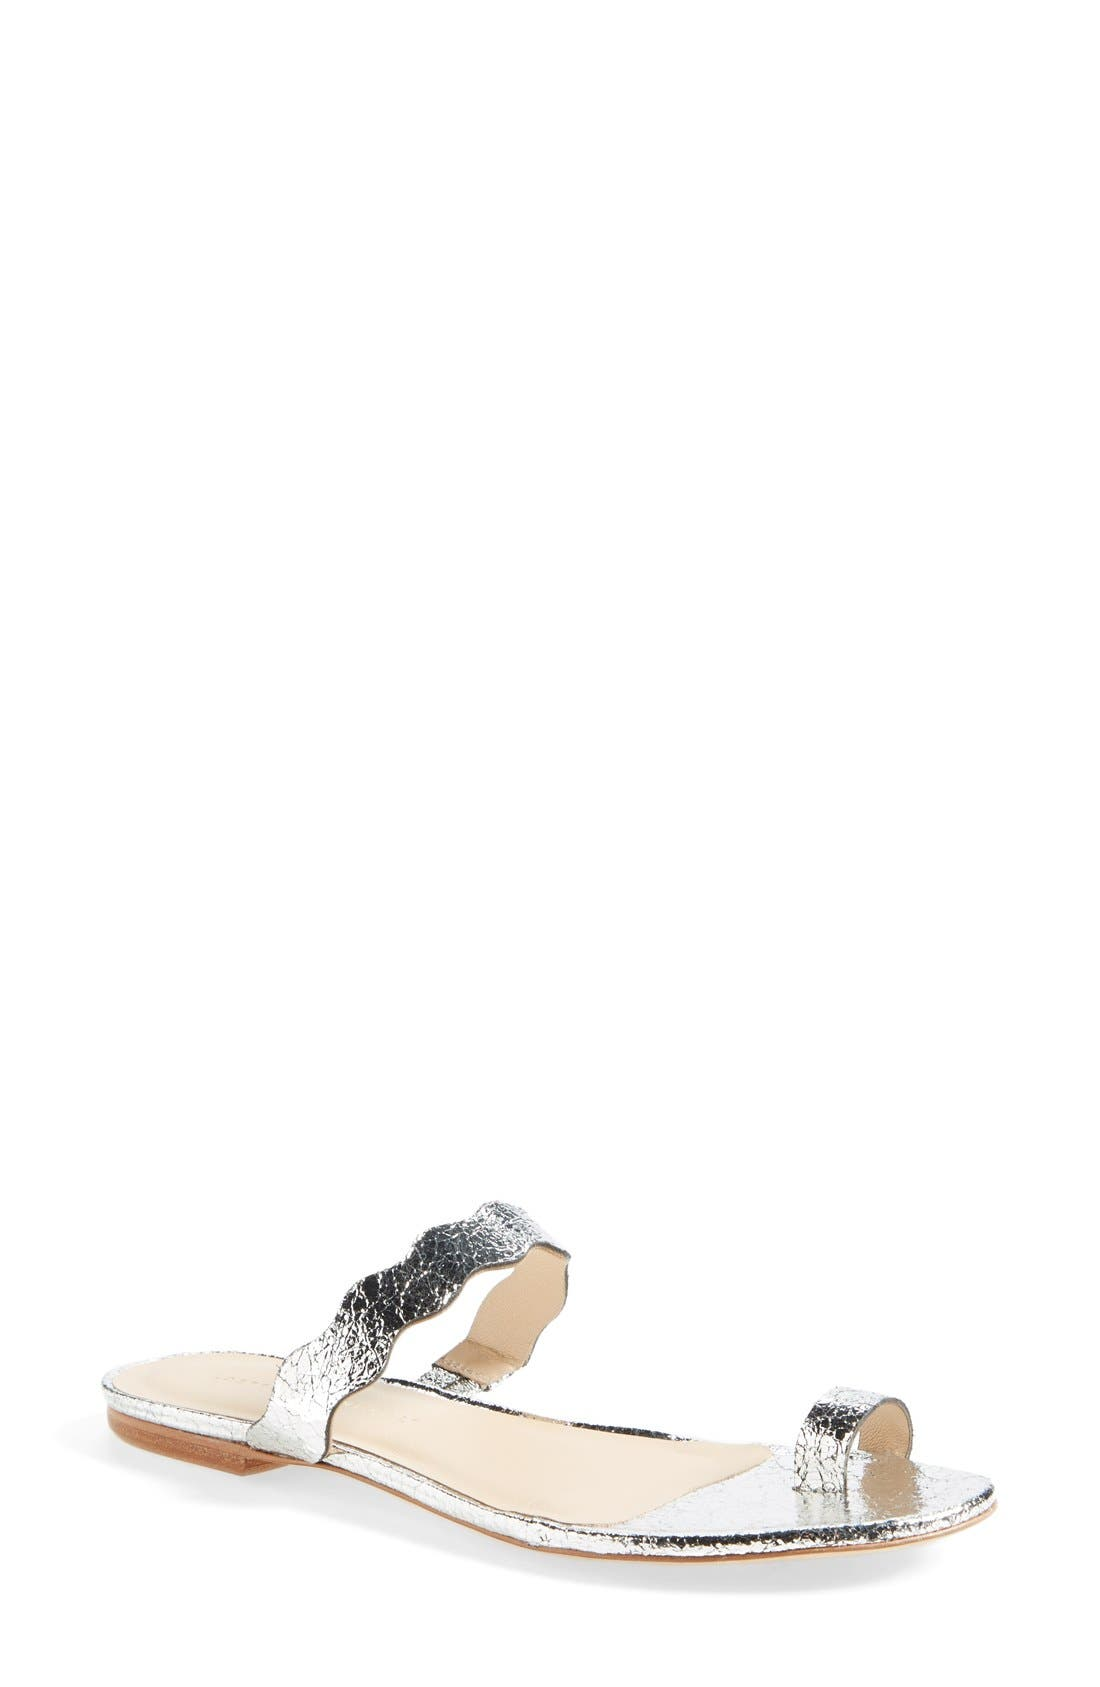 'Petal' Slide Sandal,                             Main thumbnail 1, color,                             040